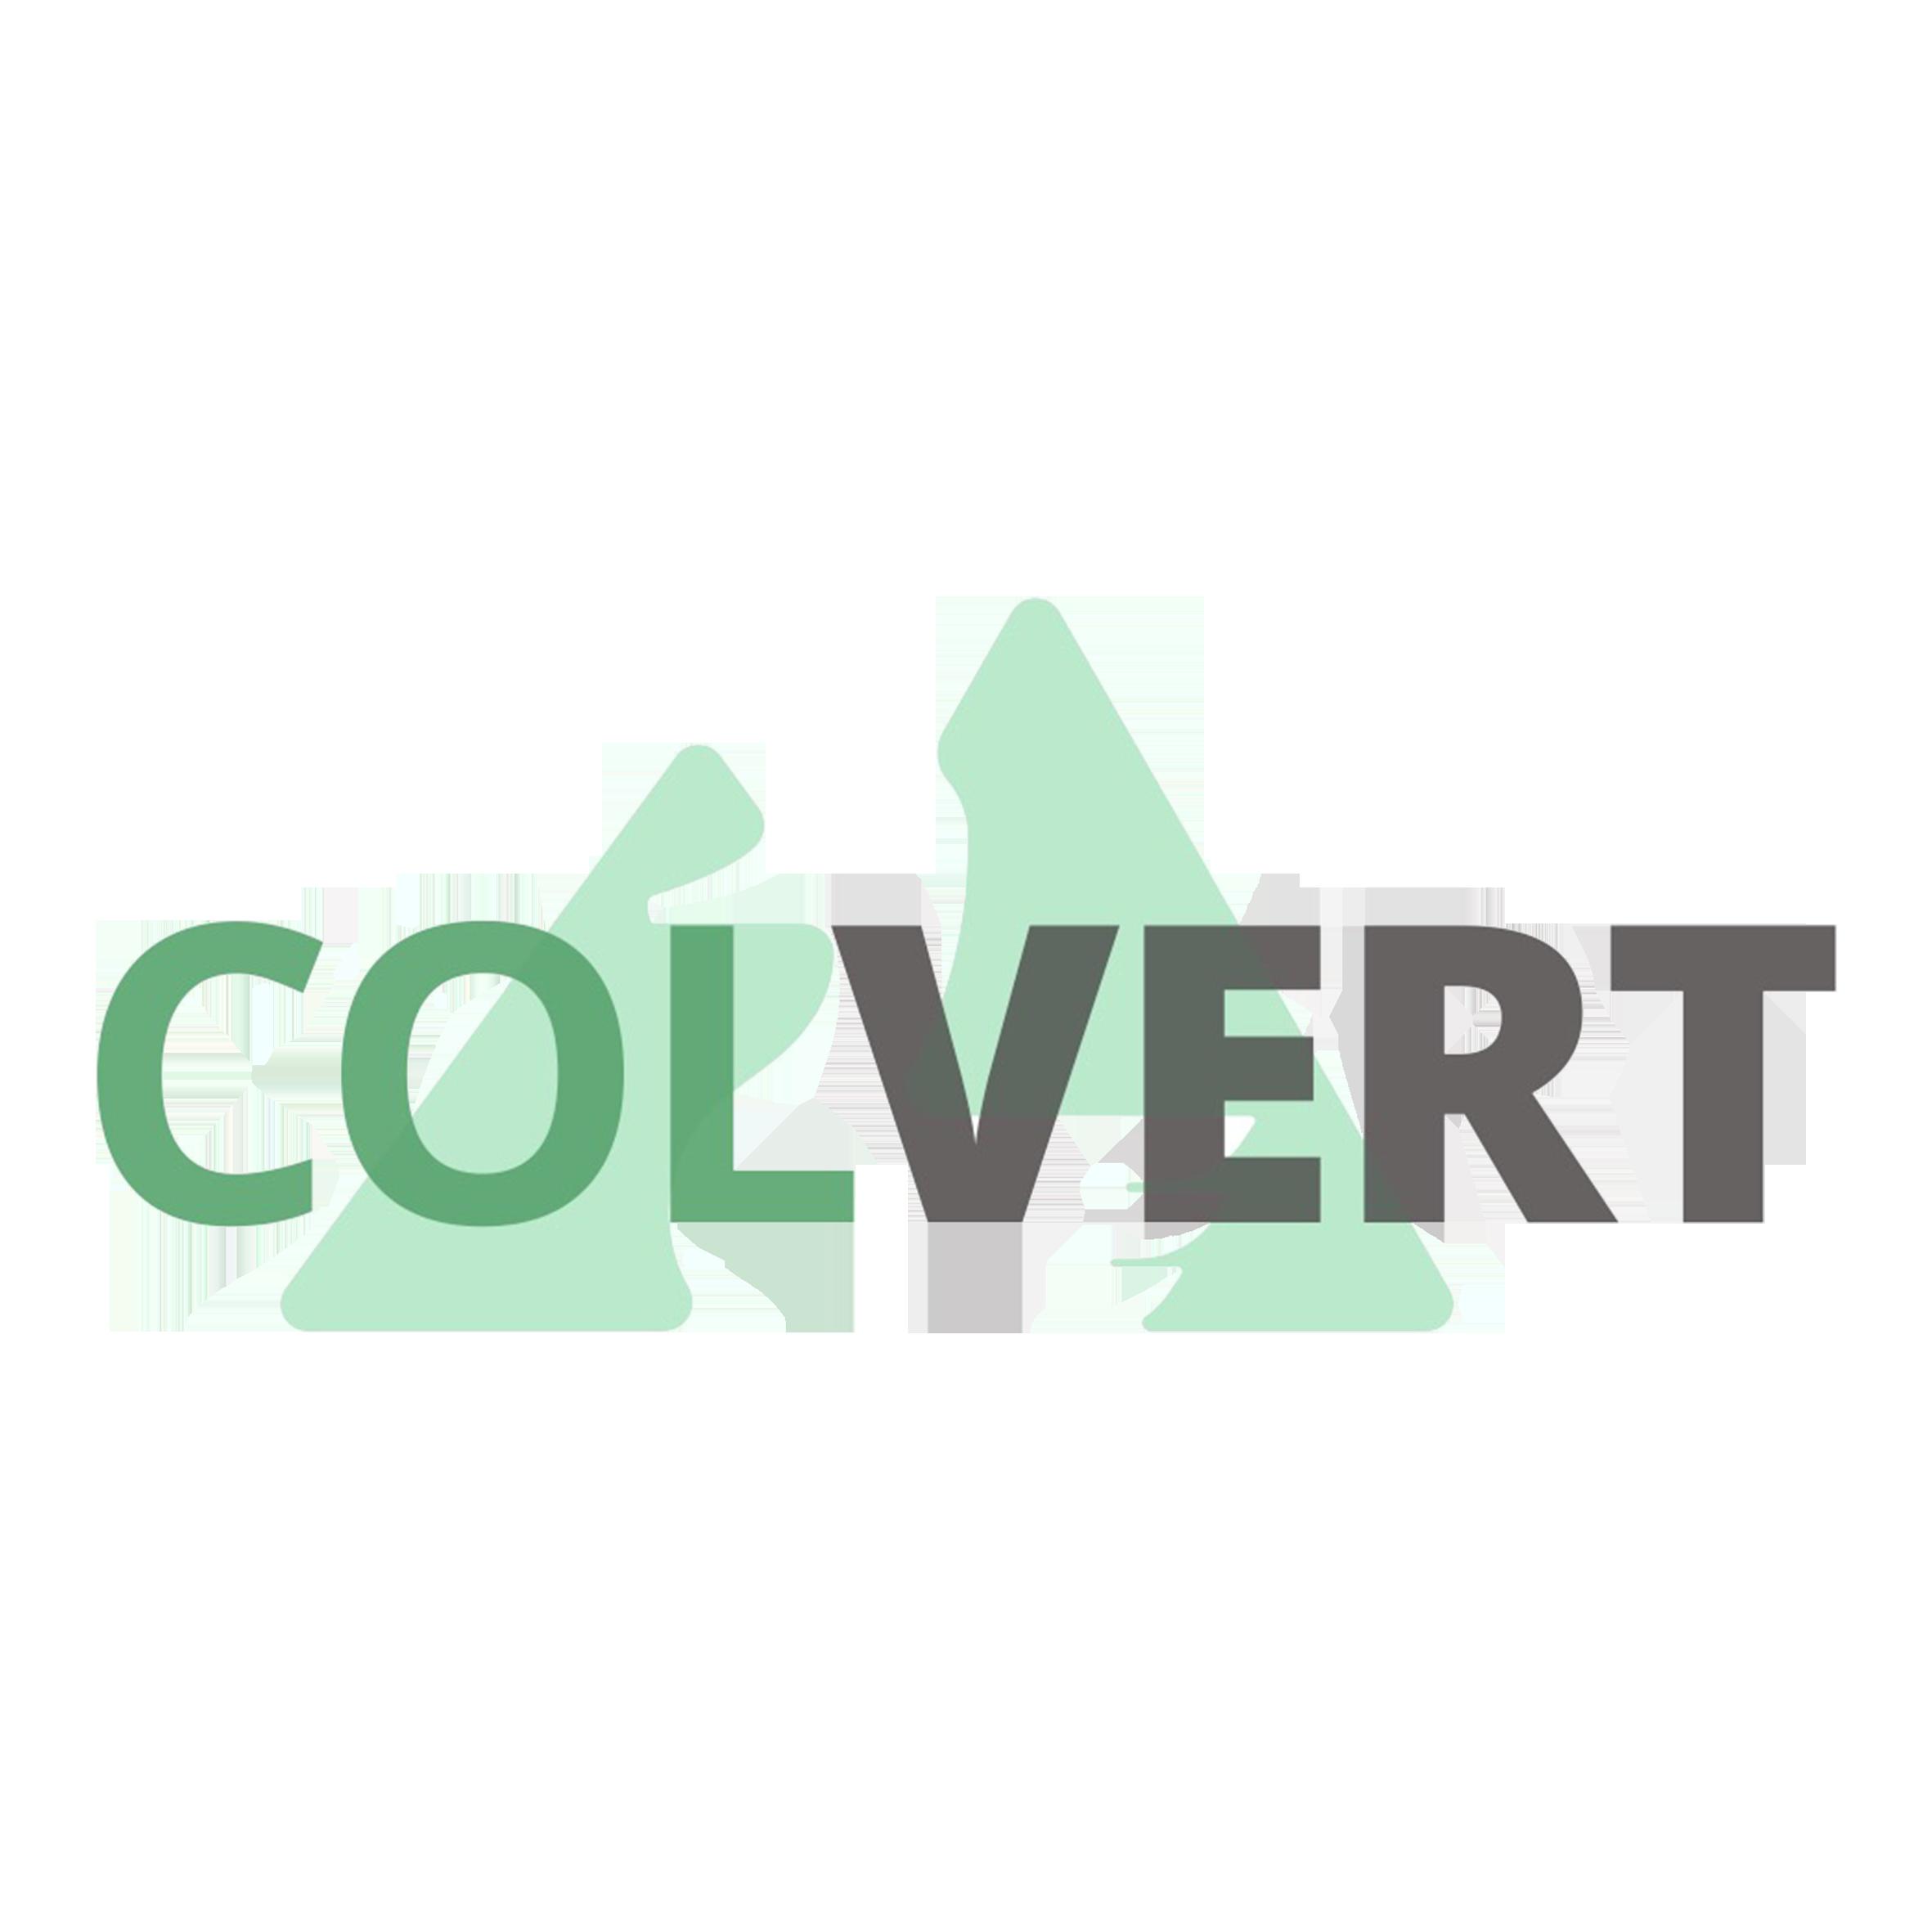 logo_colvert